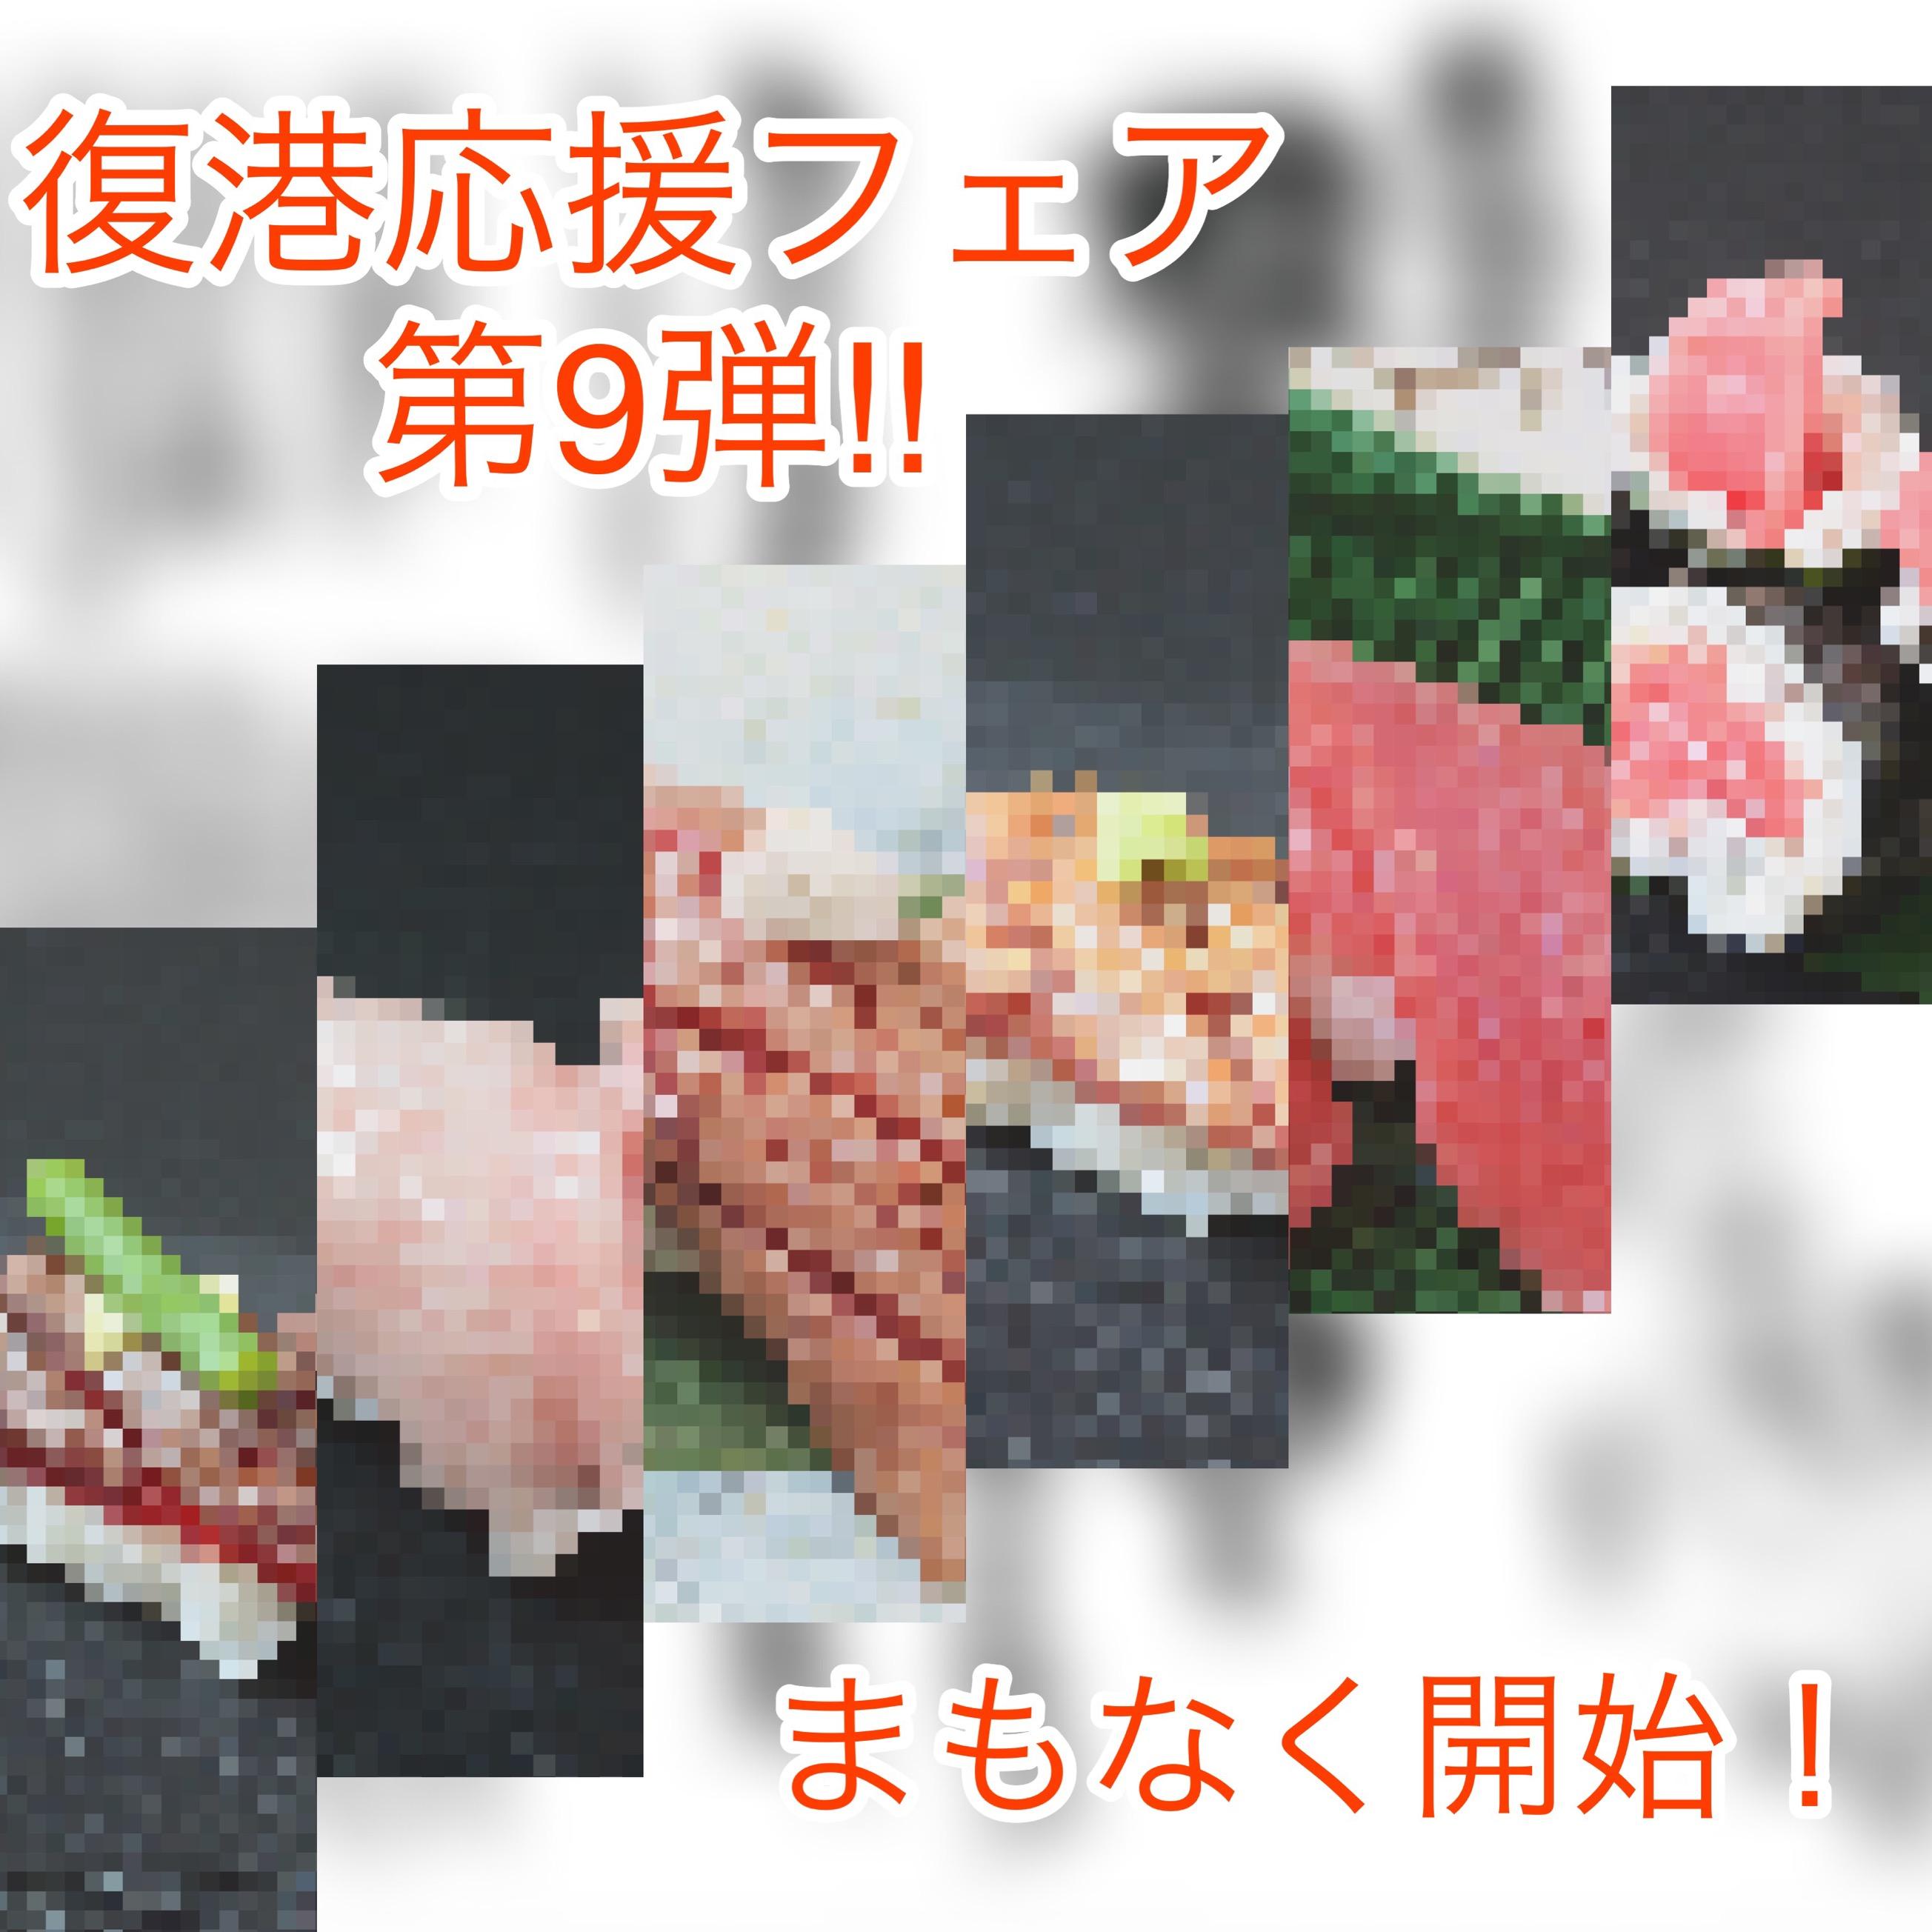 MicrosoftTeams-image (1).jpg